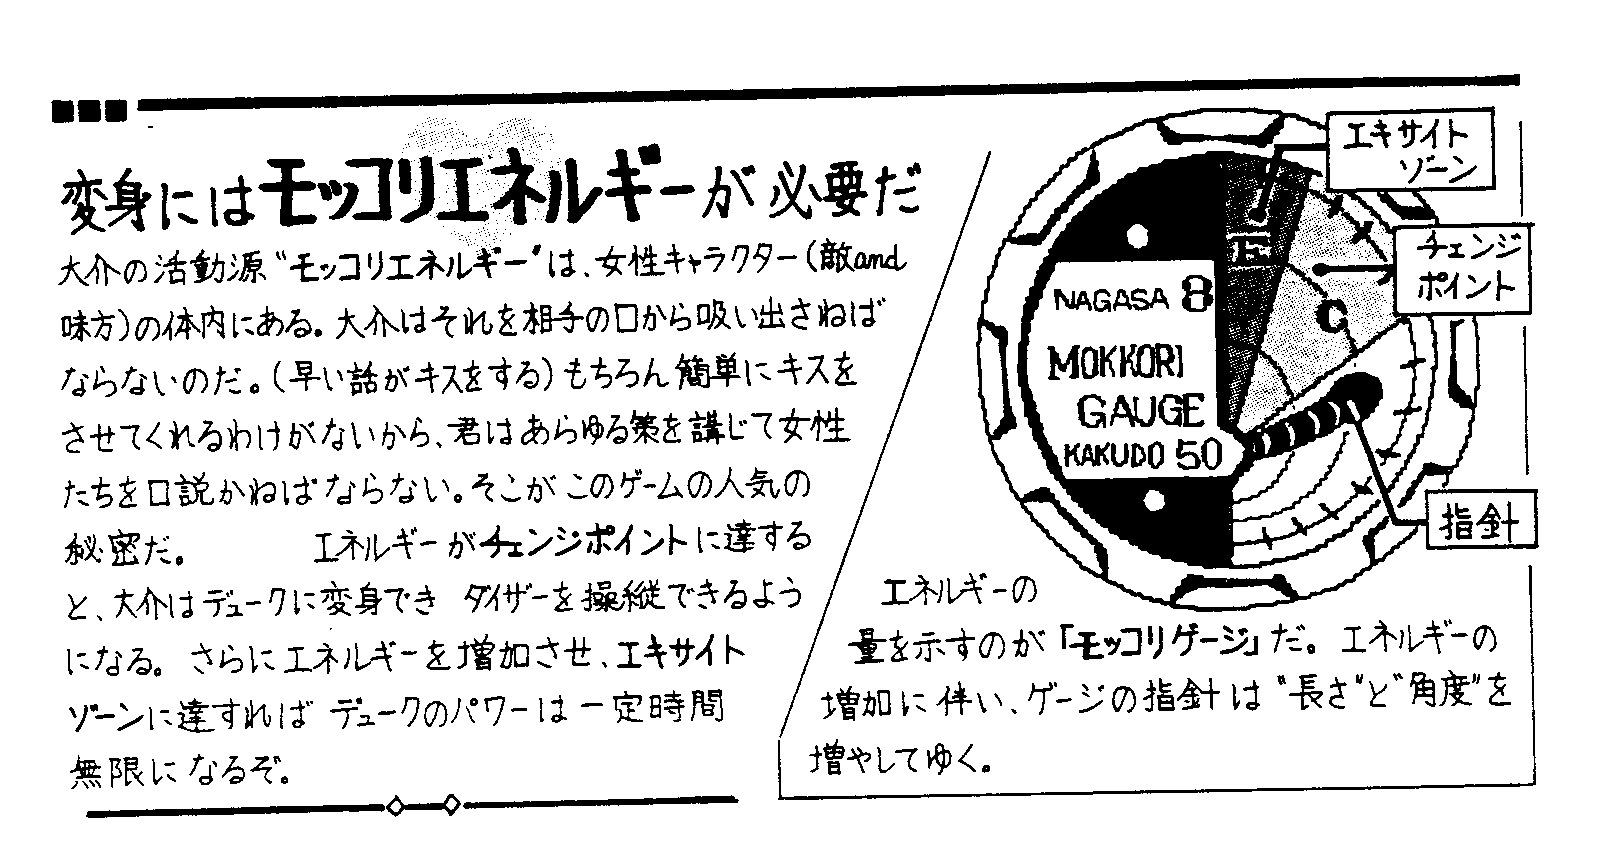 MGUFC25 03